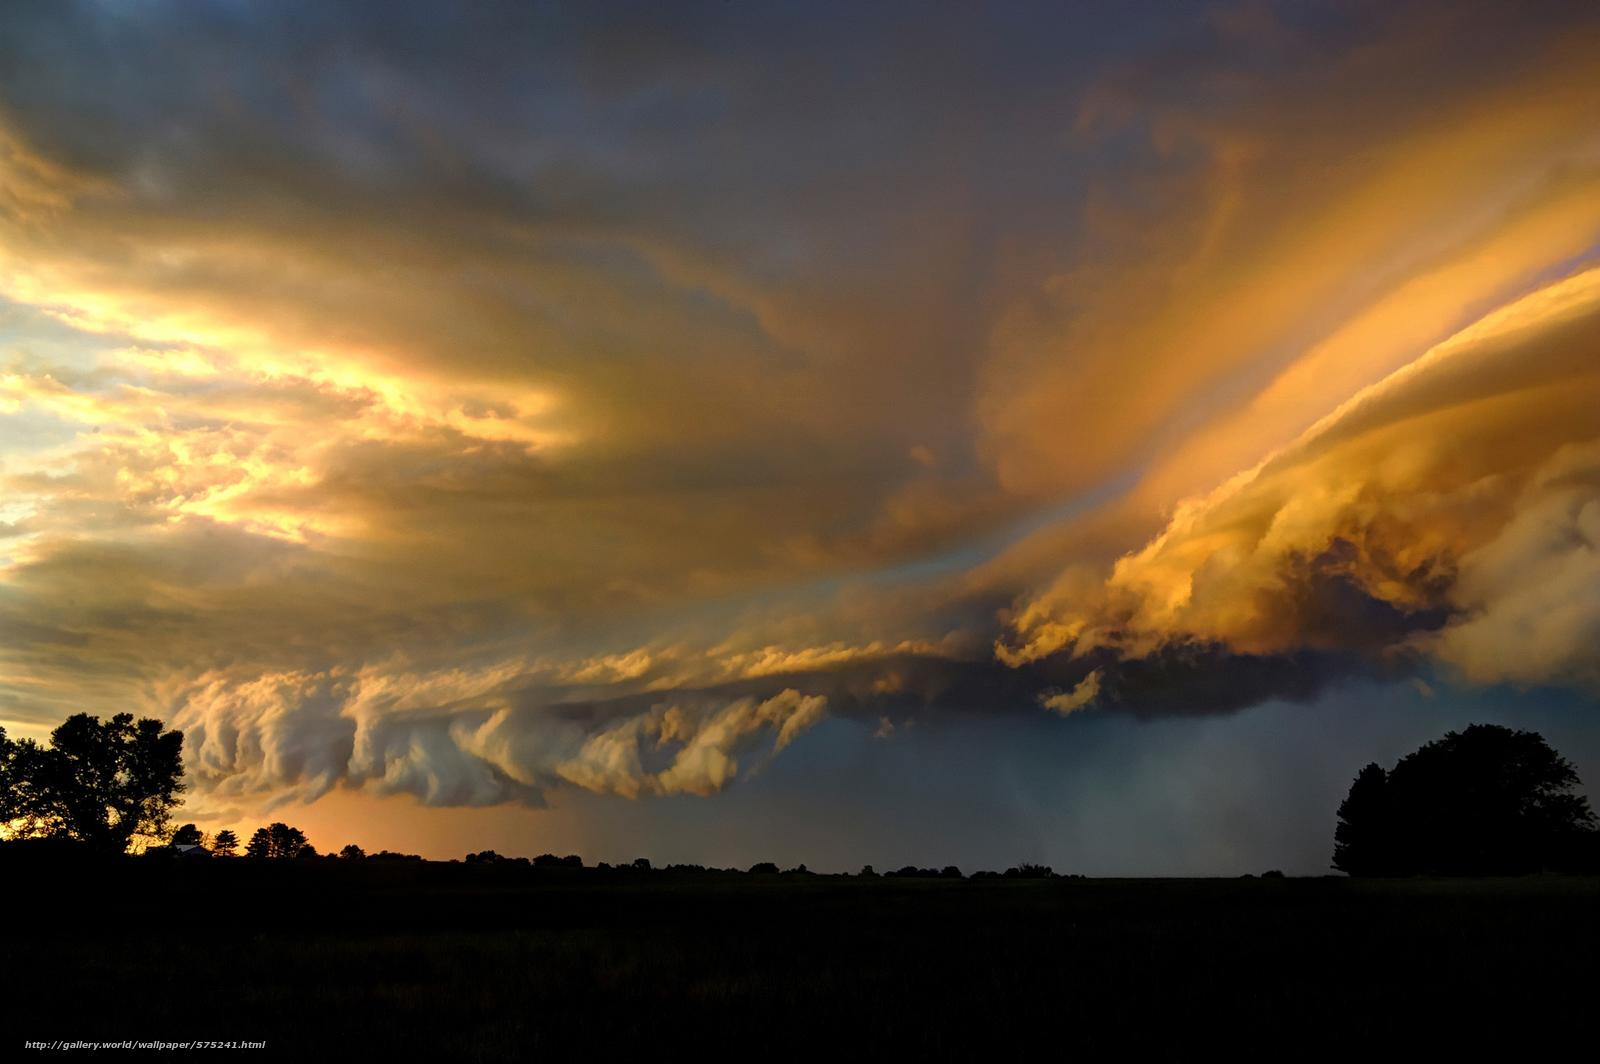 Tlcharger Fond d'ecran ciel,  nuages Fonds d'ecran gratuits pour votre rsolution du bureau 2048x1362 — image №575241